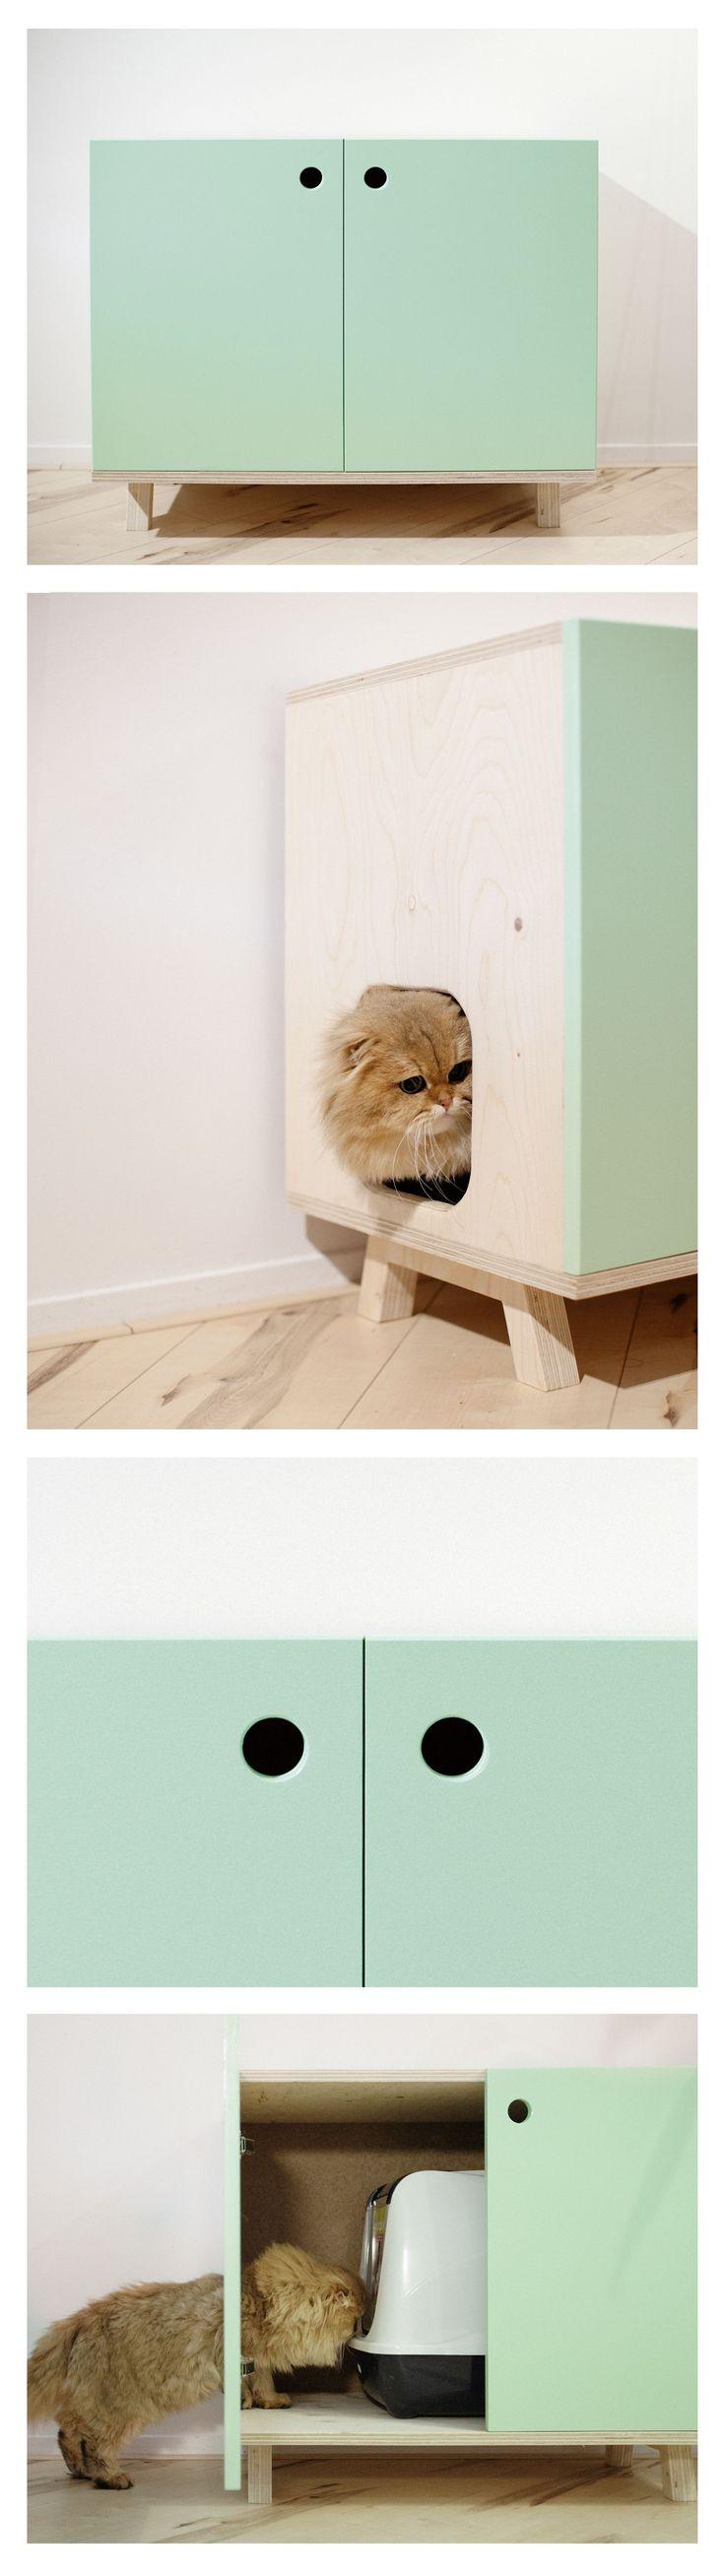 Kattenmeubel voor kattenbak Litterbox cat furniture cabinet #CatFurniture